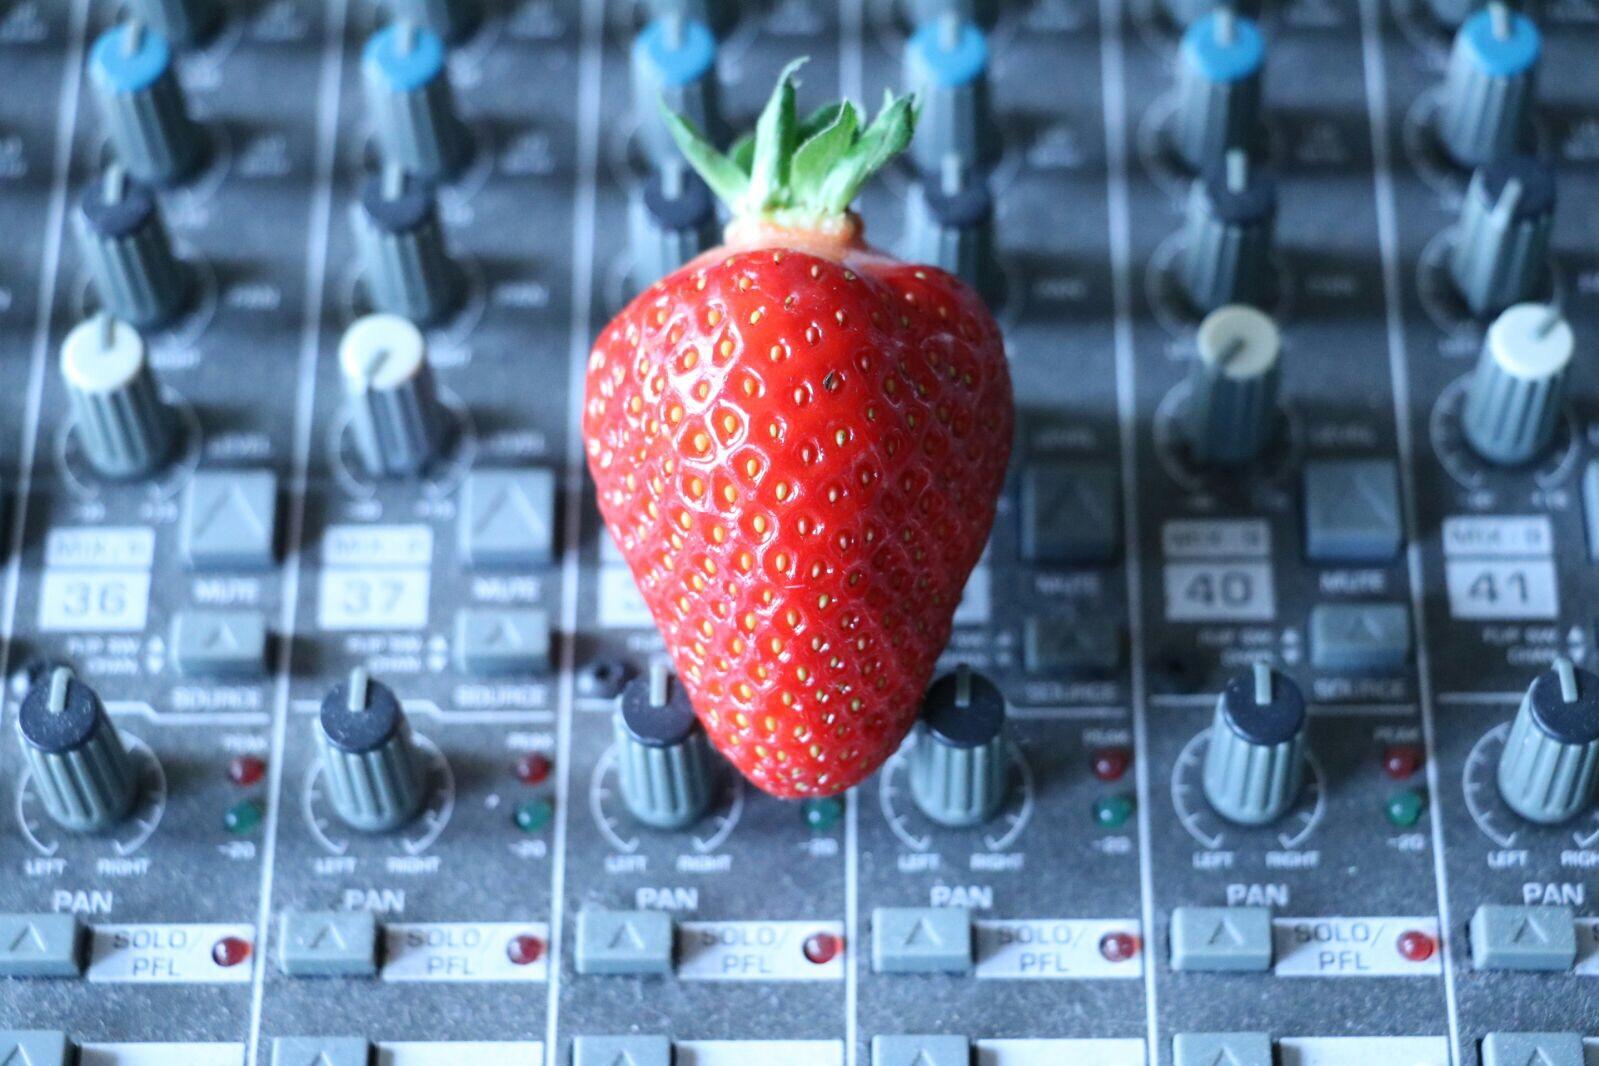 Erdbeere auf Mischpult